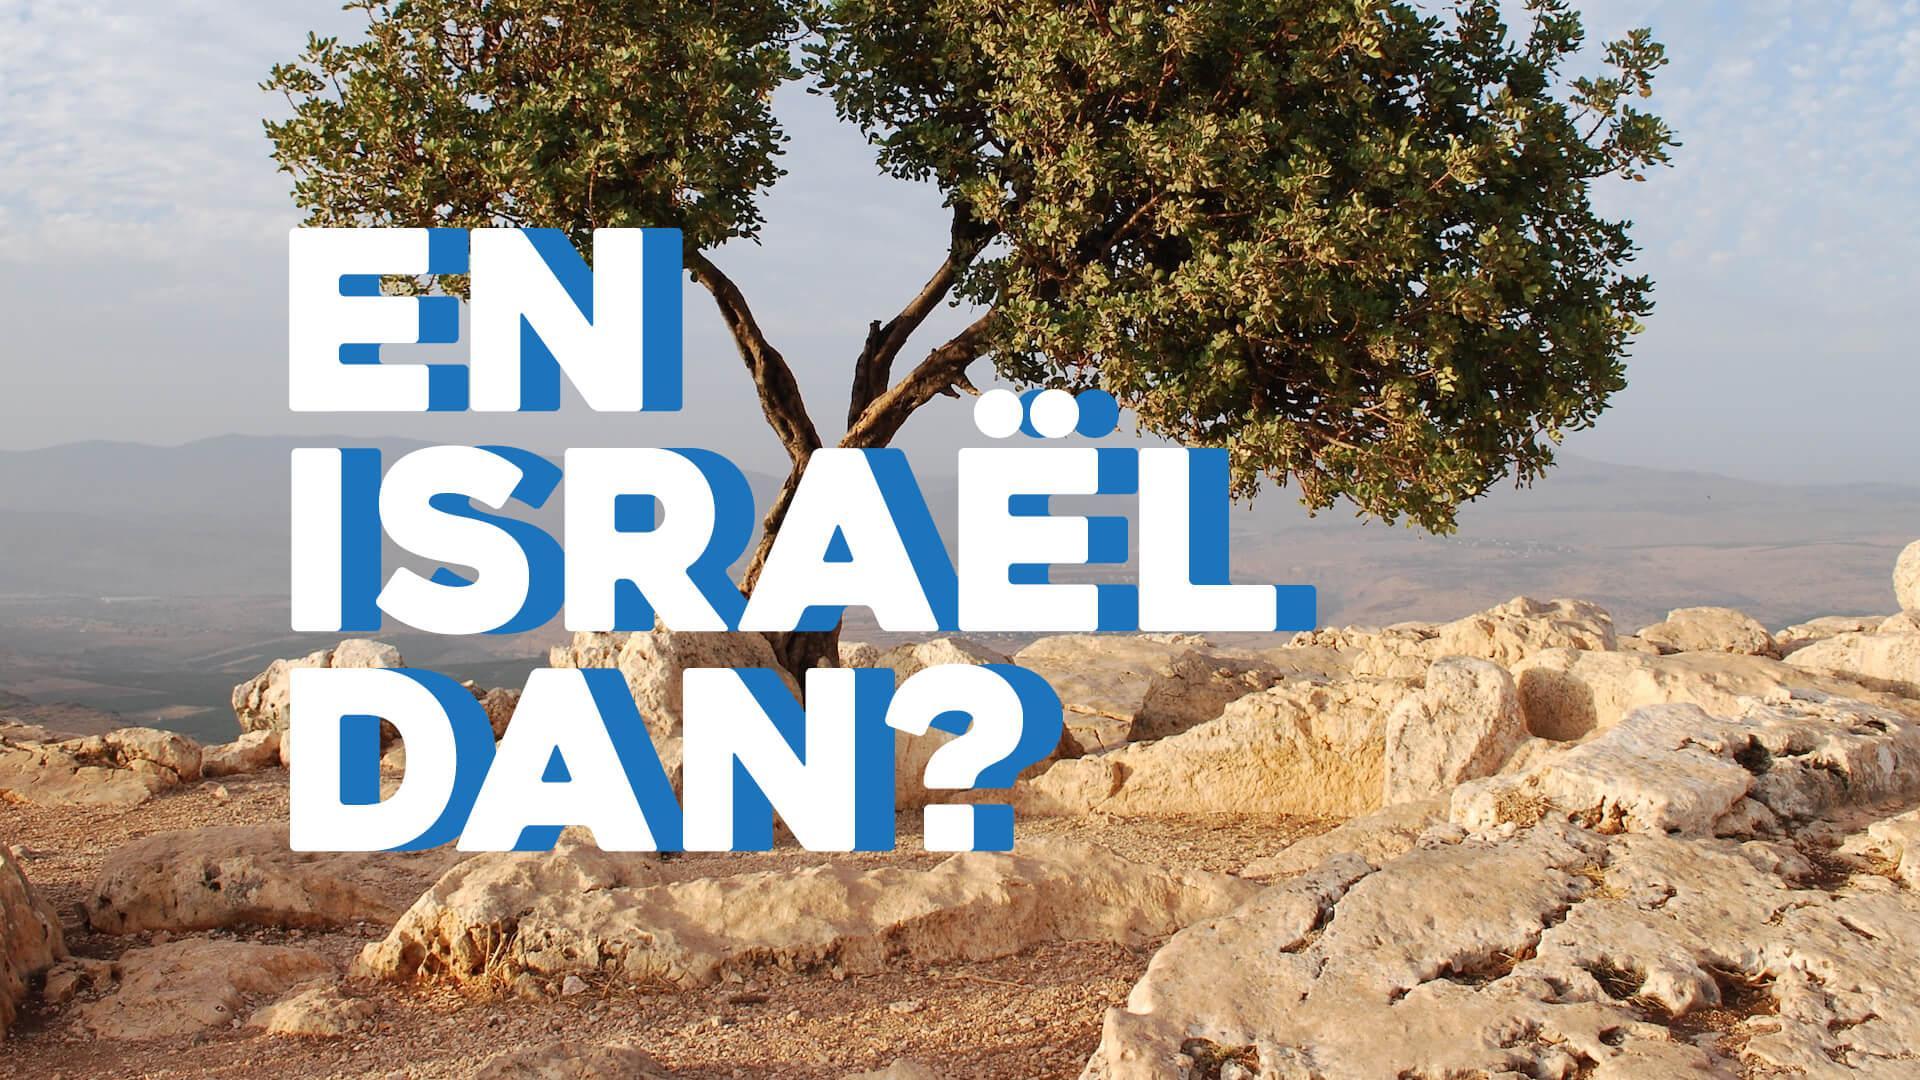 Bekijk de laatste preek van Willem de Vink over En Israël dan?